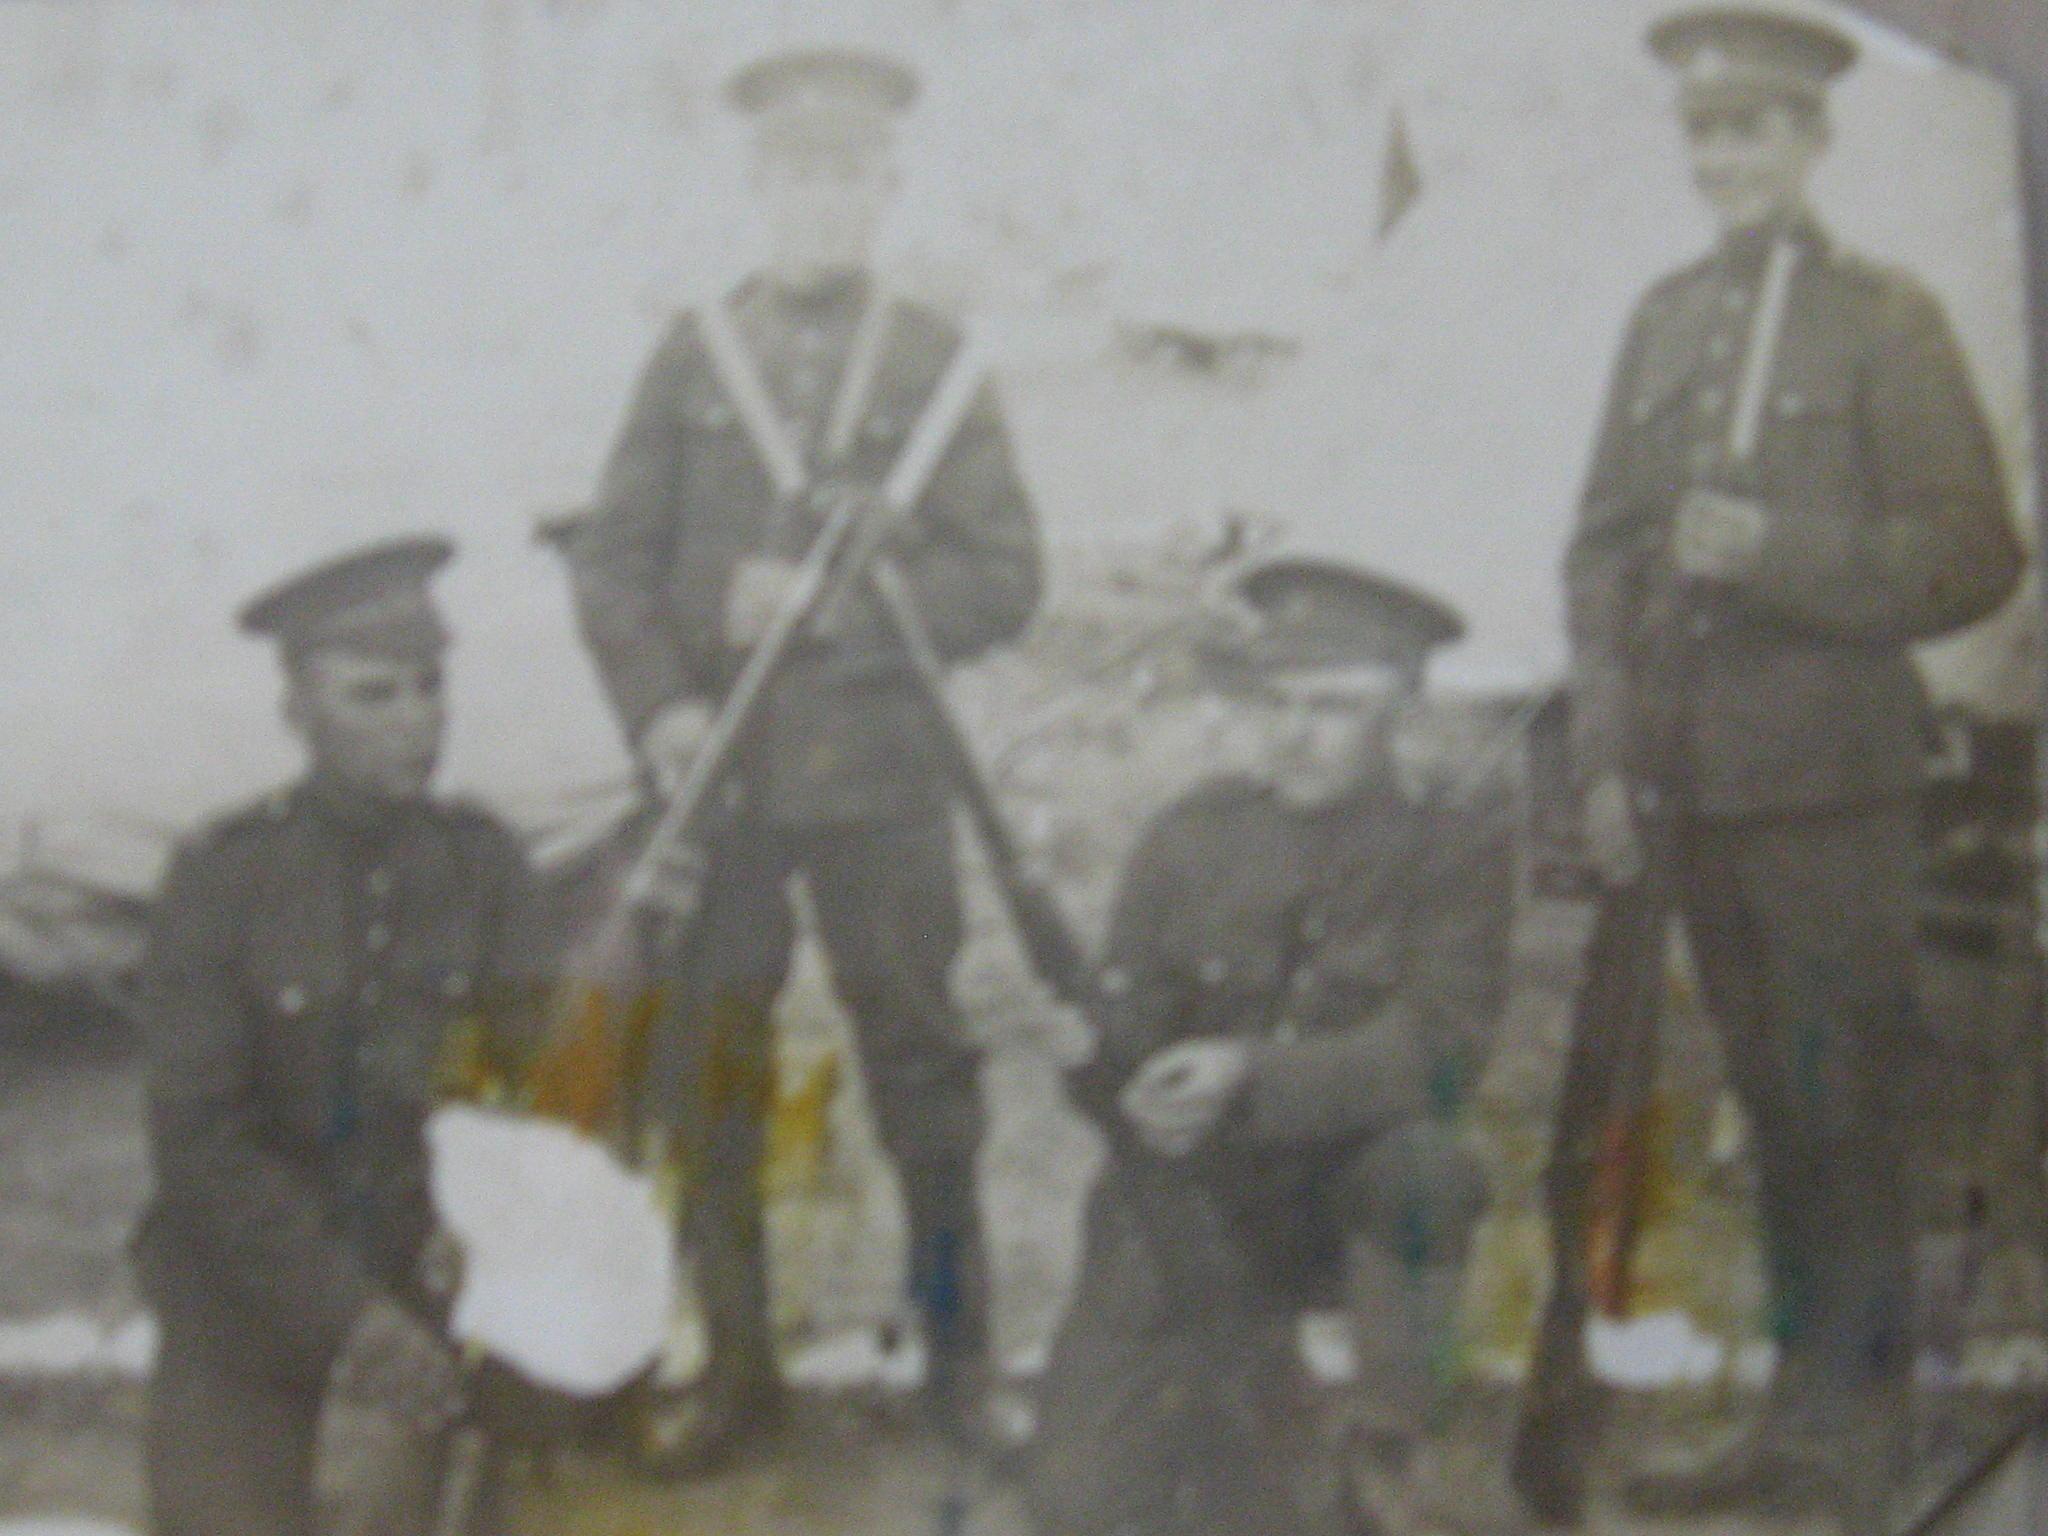 Photo of Edward Thomas Teggin– Edward Thomas Teggin standing on far right.